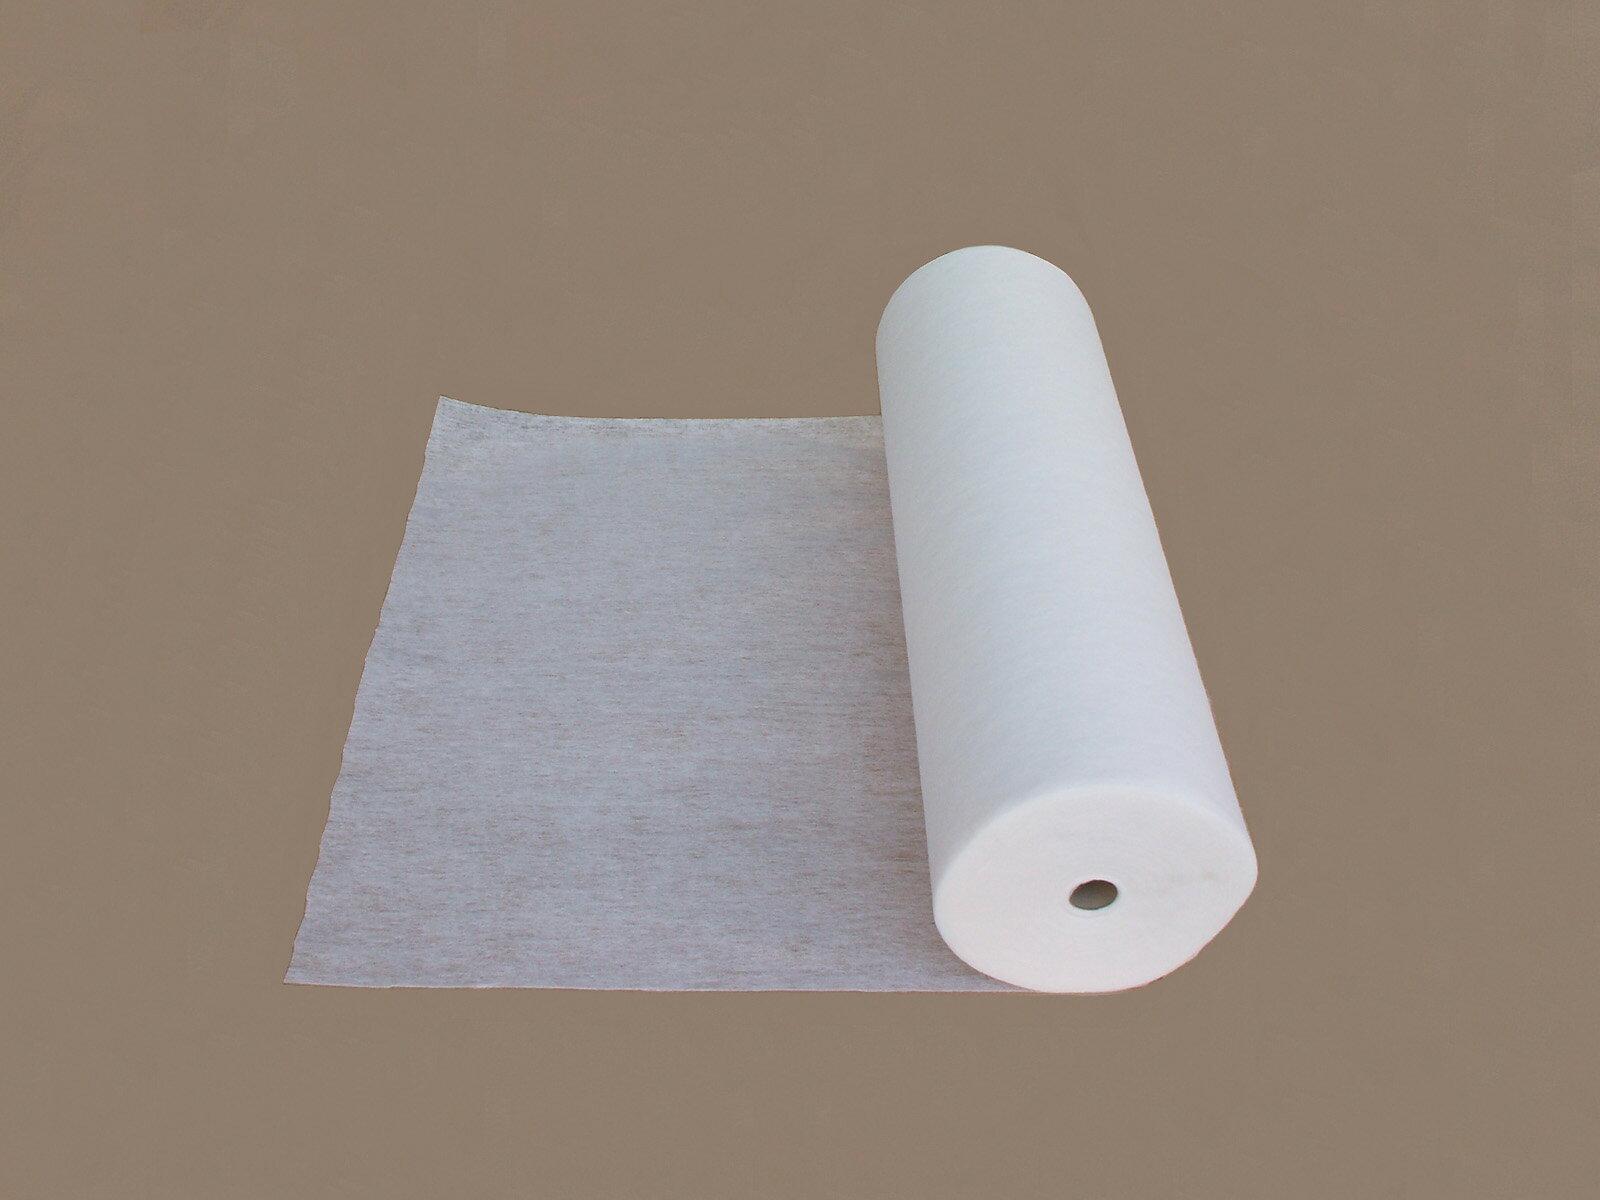 排気フィルター 塗装ブース プレロールフィルター#150:フィルターチャンネル